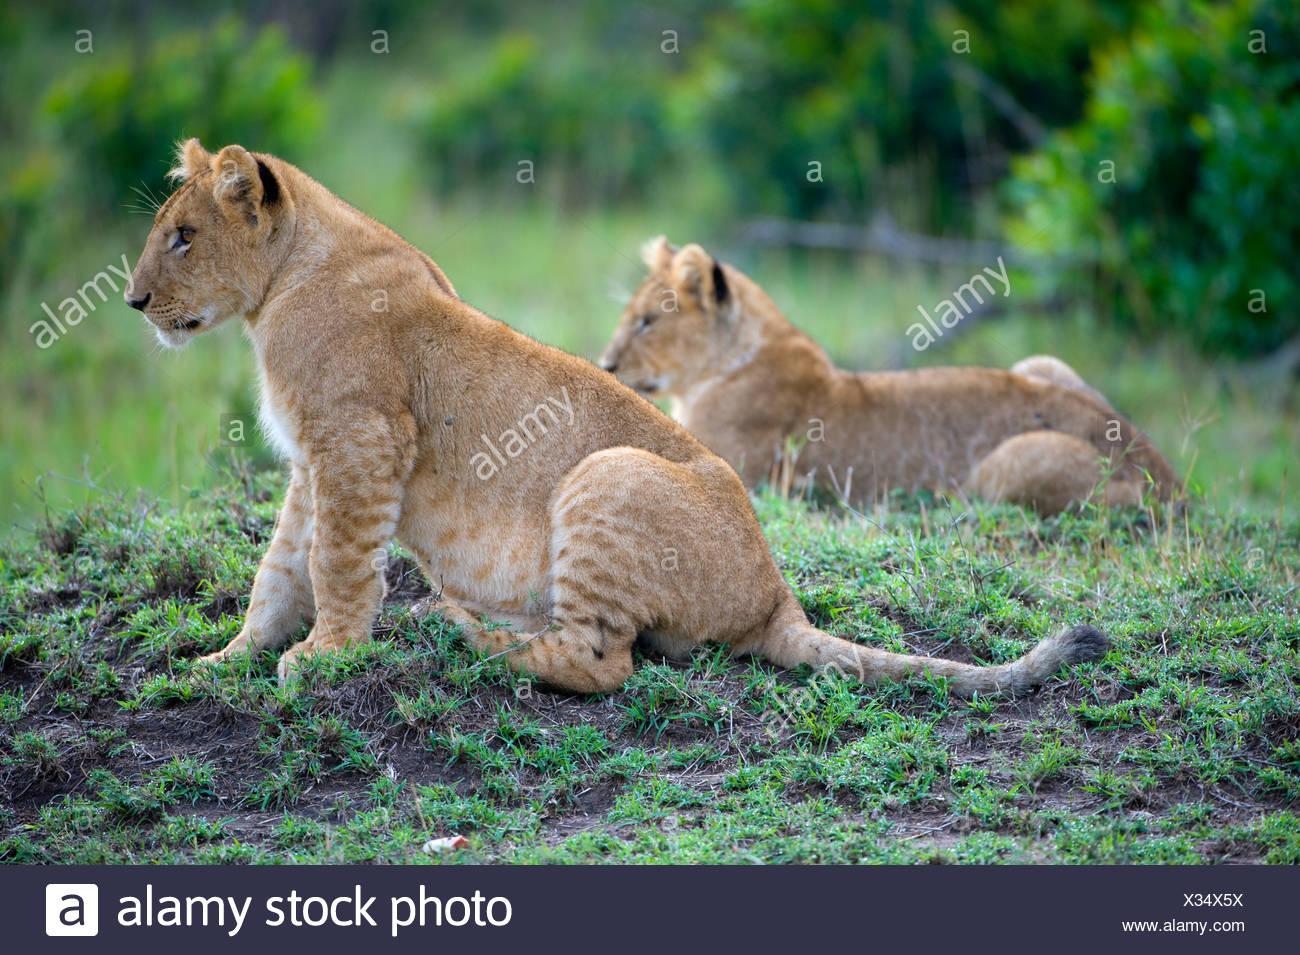 Lions (Panthera leo), cubs, Masai Mara National Reserve, Kenya, East Africa - Stock Image